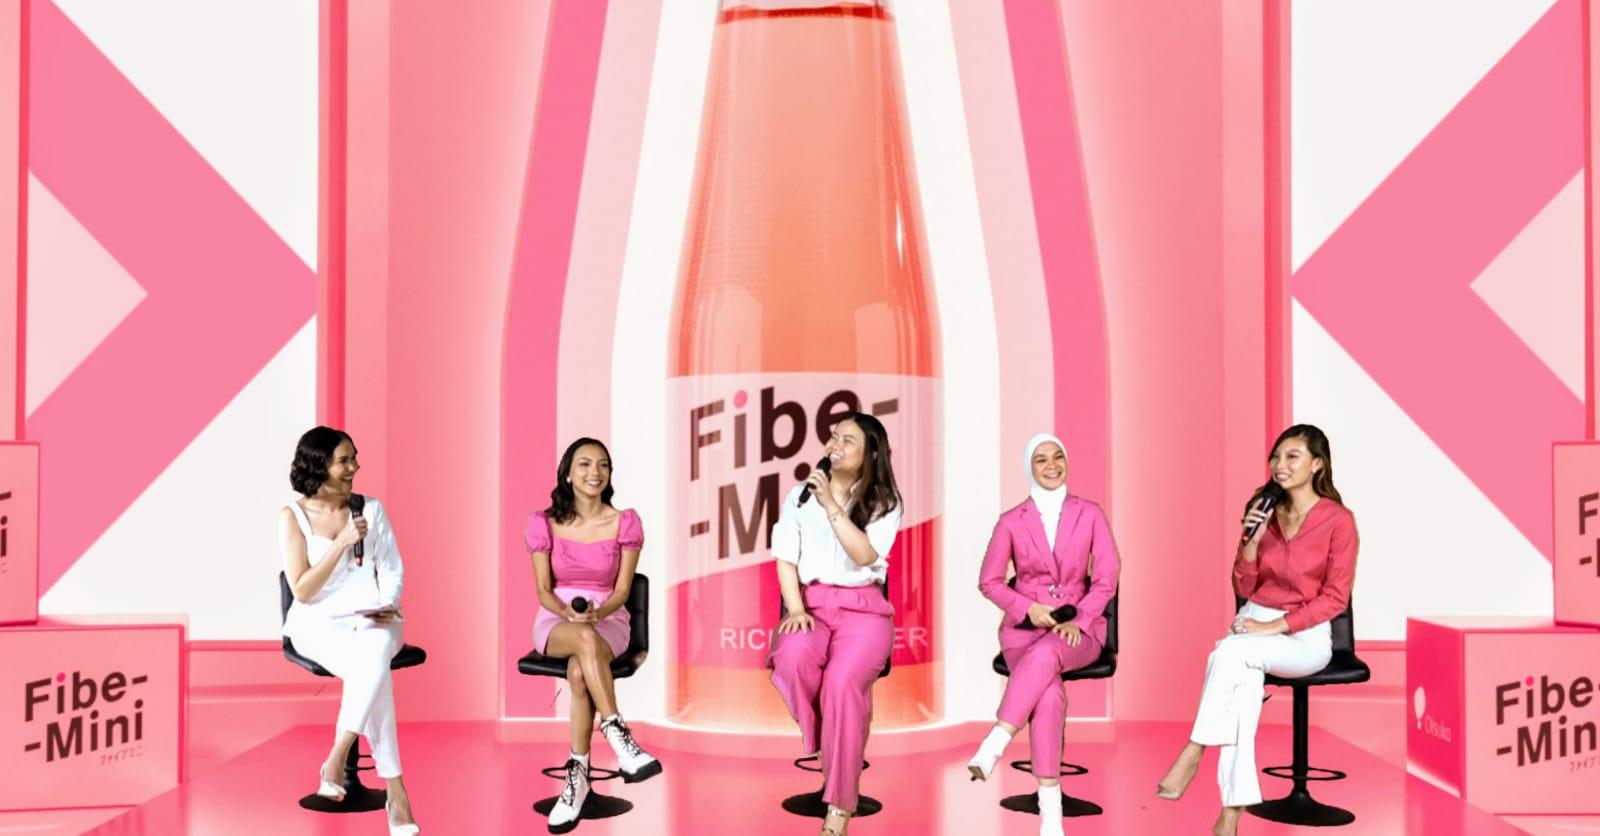 Penuhi kebutuhan serat, Fibe mini promosikan tren hidup sehat